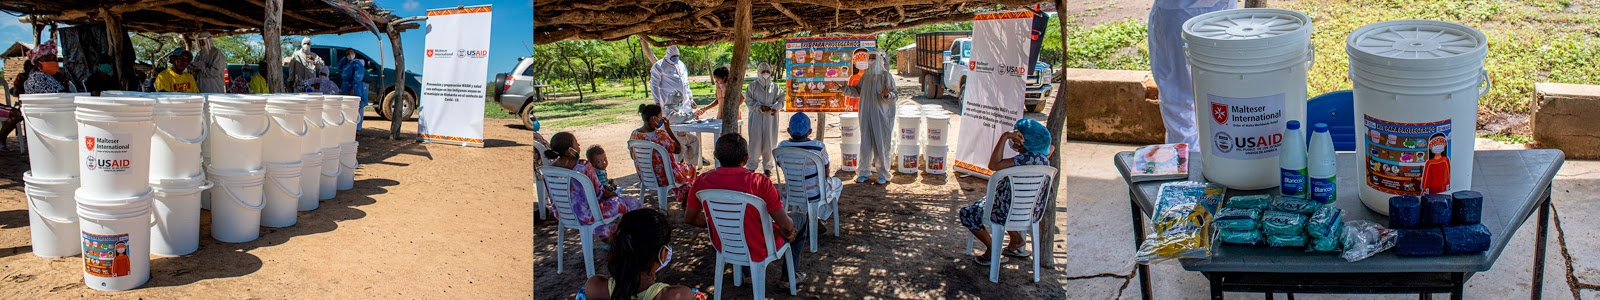 hoyennoticia.com, NP Malteser International Americas entregó 1.300 de Kits de higiene a comunidades wayuu en Riohacha